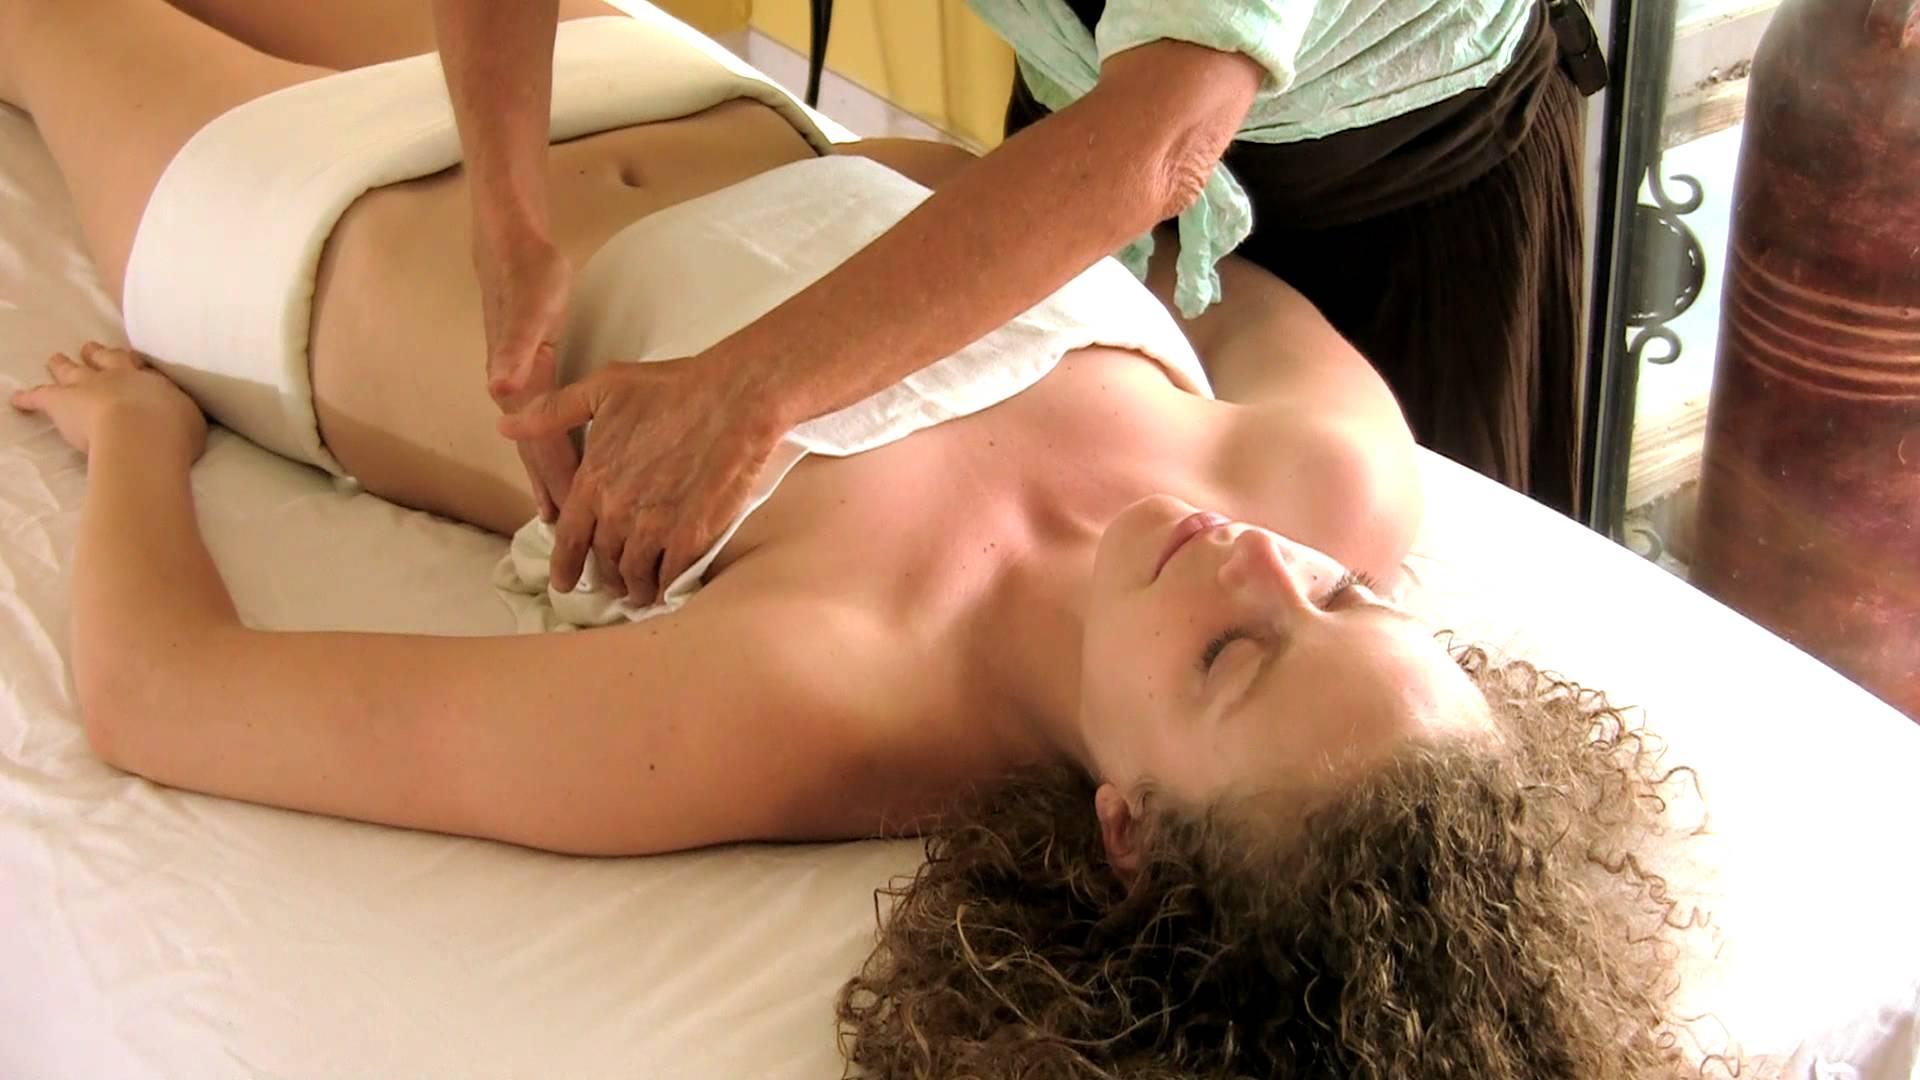 Секс после массажа ролики, Порно массаж и русский секс с массажистами 6 фотография